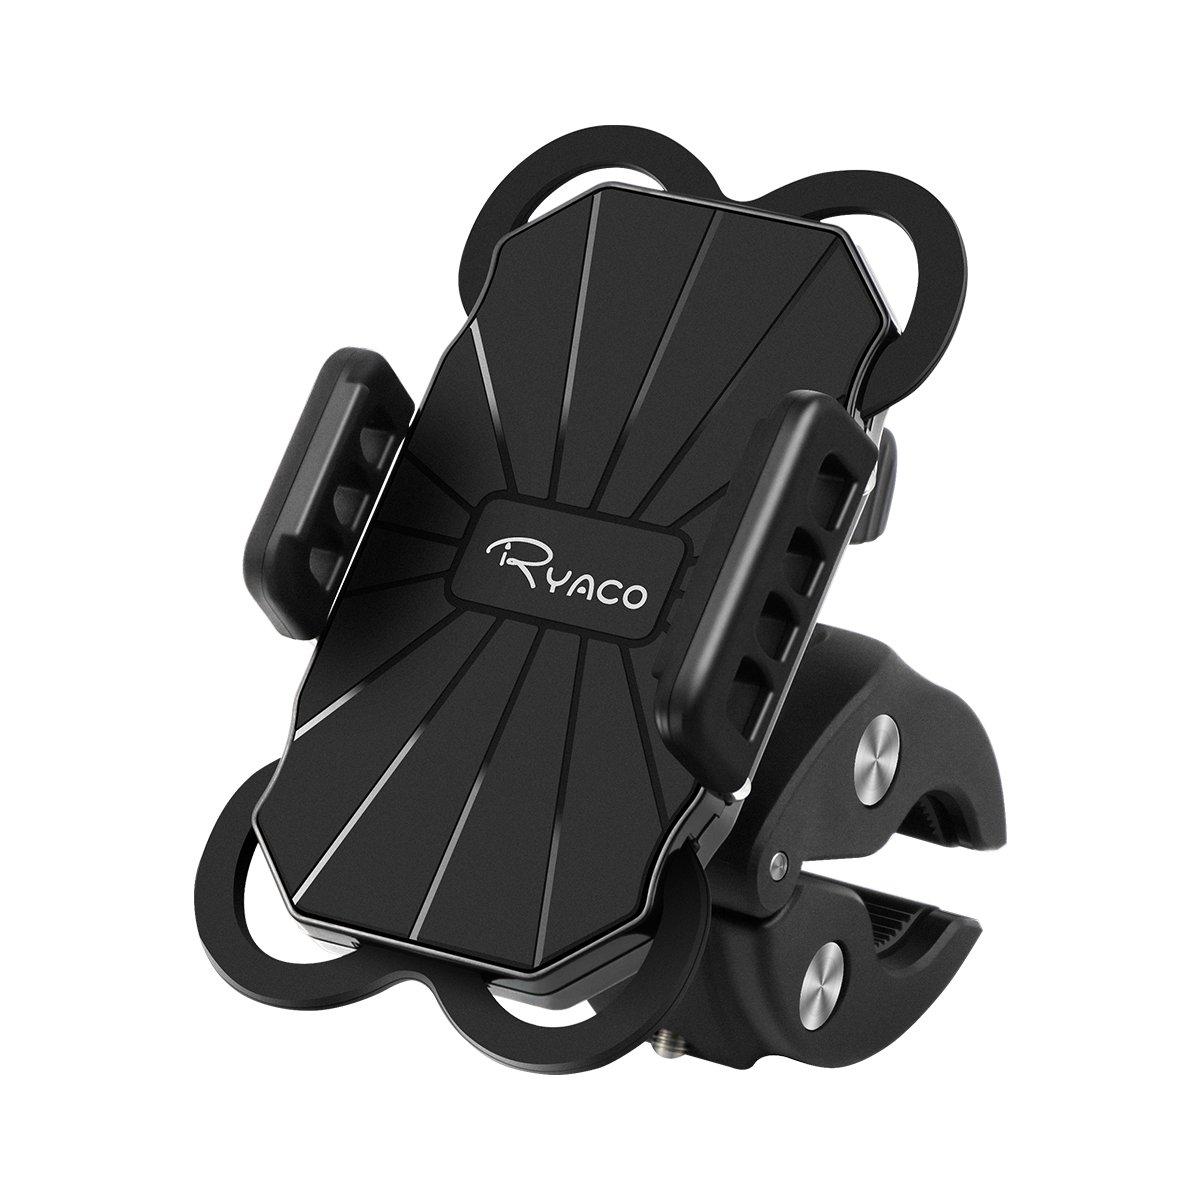 RYACO Soporte de Móvil Deportiva para Bicicletas y Motos, Anti Vibración Soporte Móvil Bicicleta Universal con 360 Rotación para iPhone, Samsung Galaxy, LG, ...